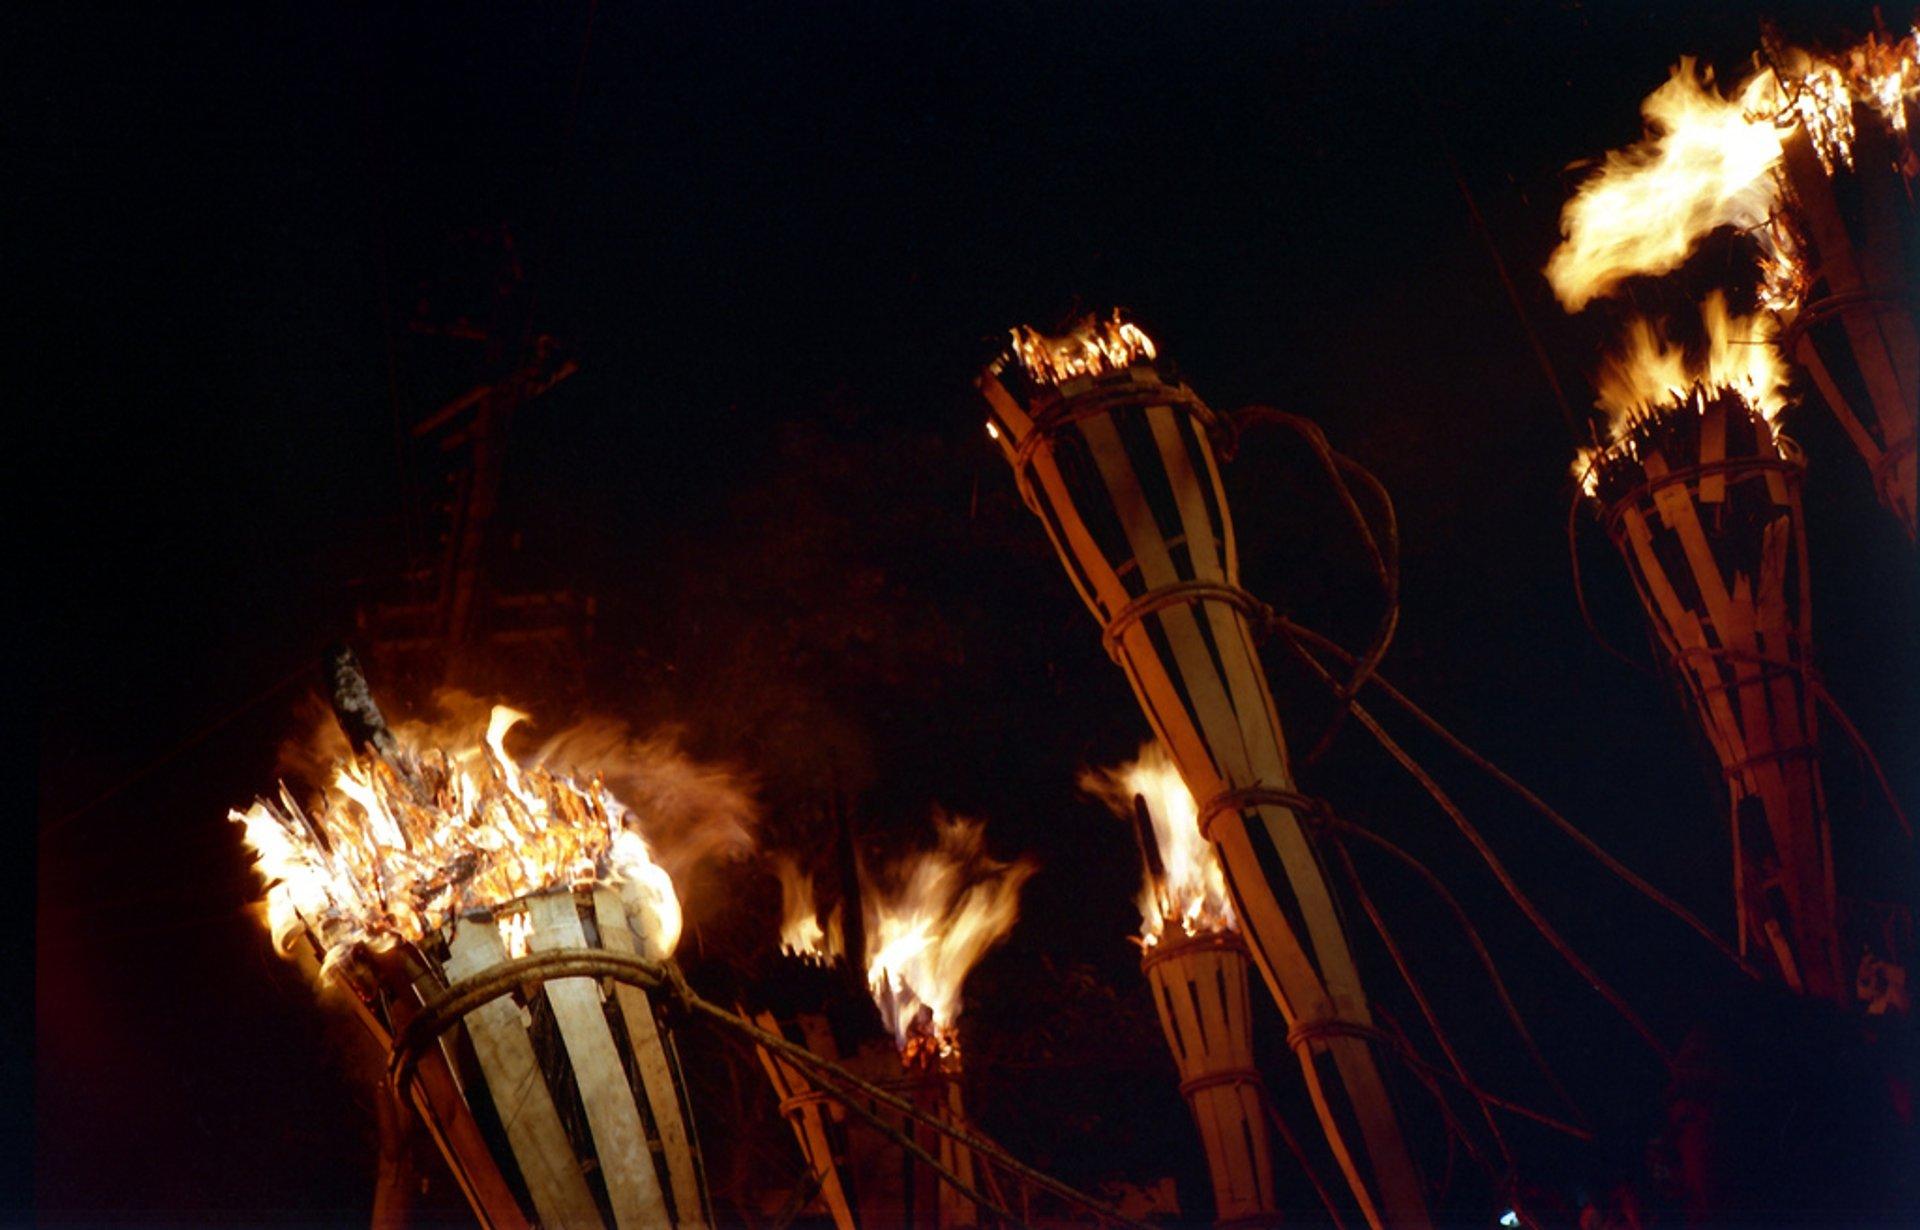 Kurama Fire Festival in Kyoto 2020 - Best Time